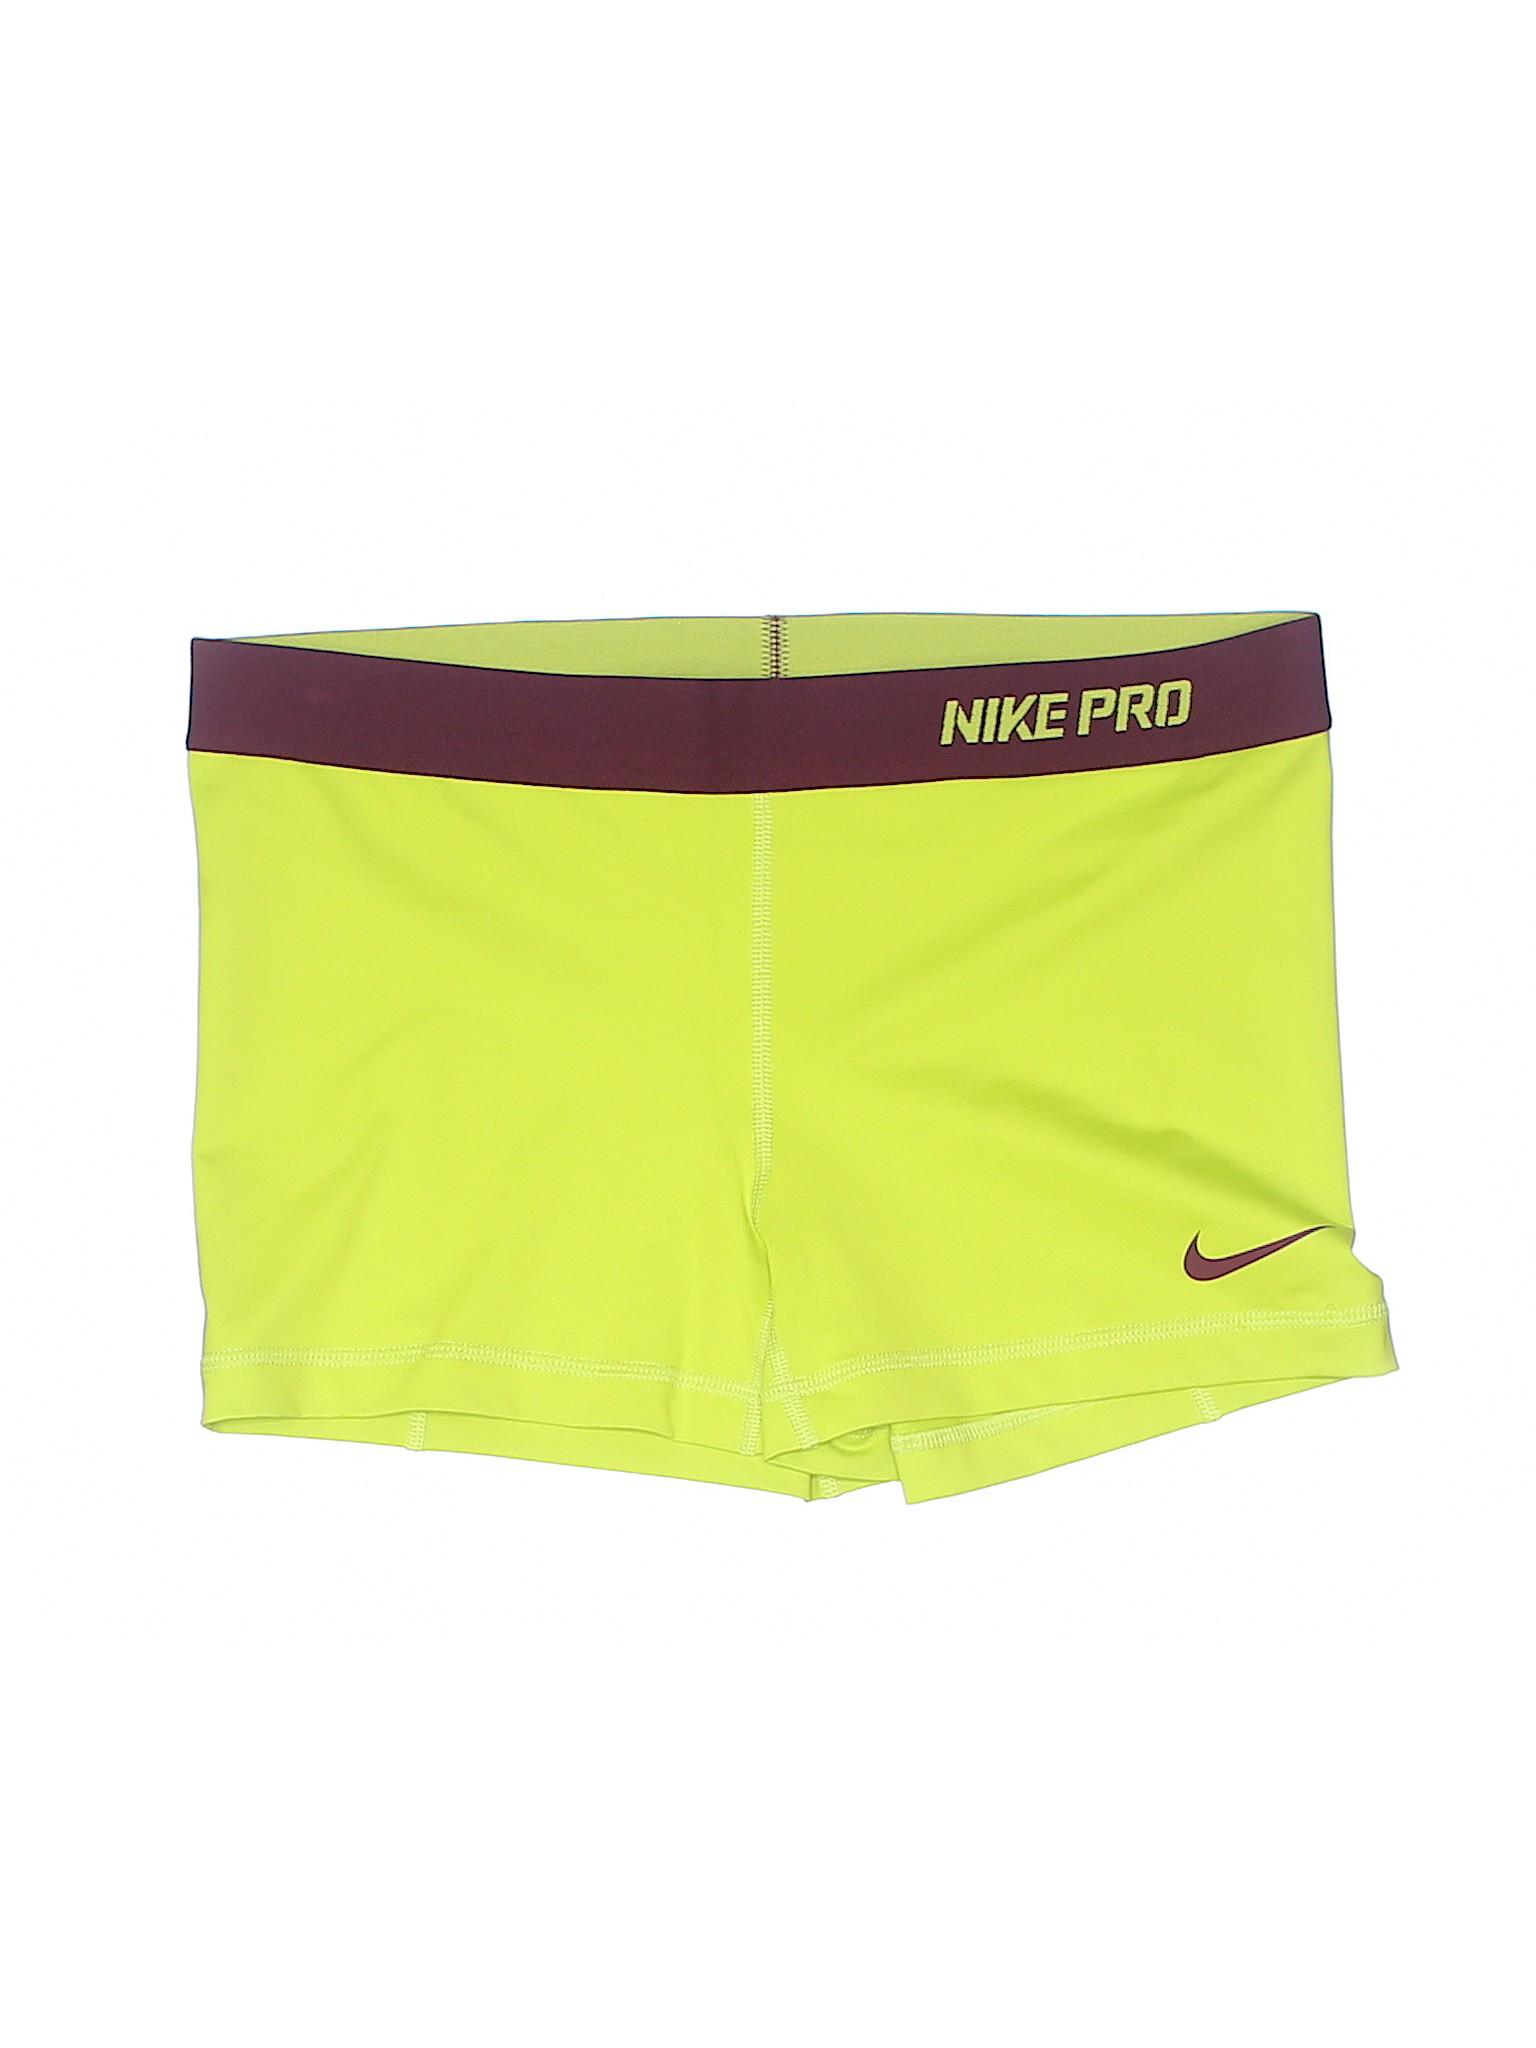 Shorts Shorts Athletic Athletic Boutique Nike Athletic Nike Boutique Boutique Nike Shorts Nike Boutique Athletic qXw0F0